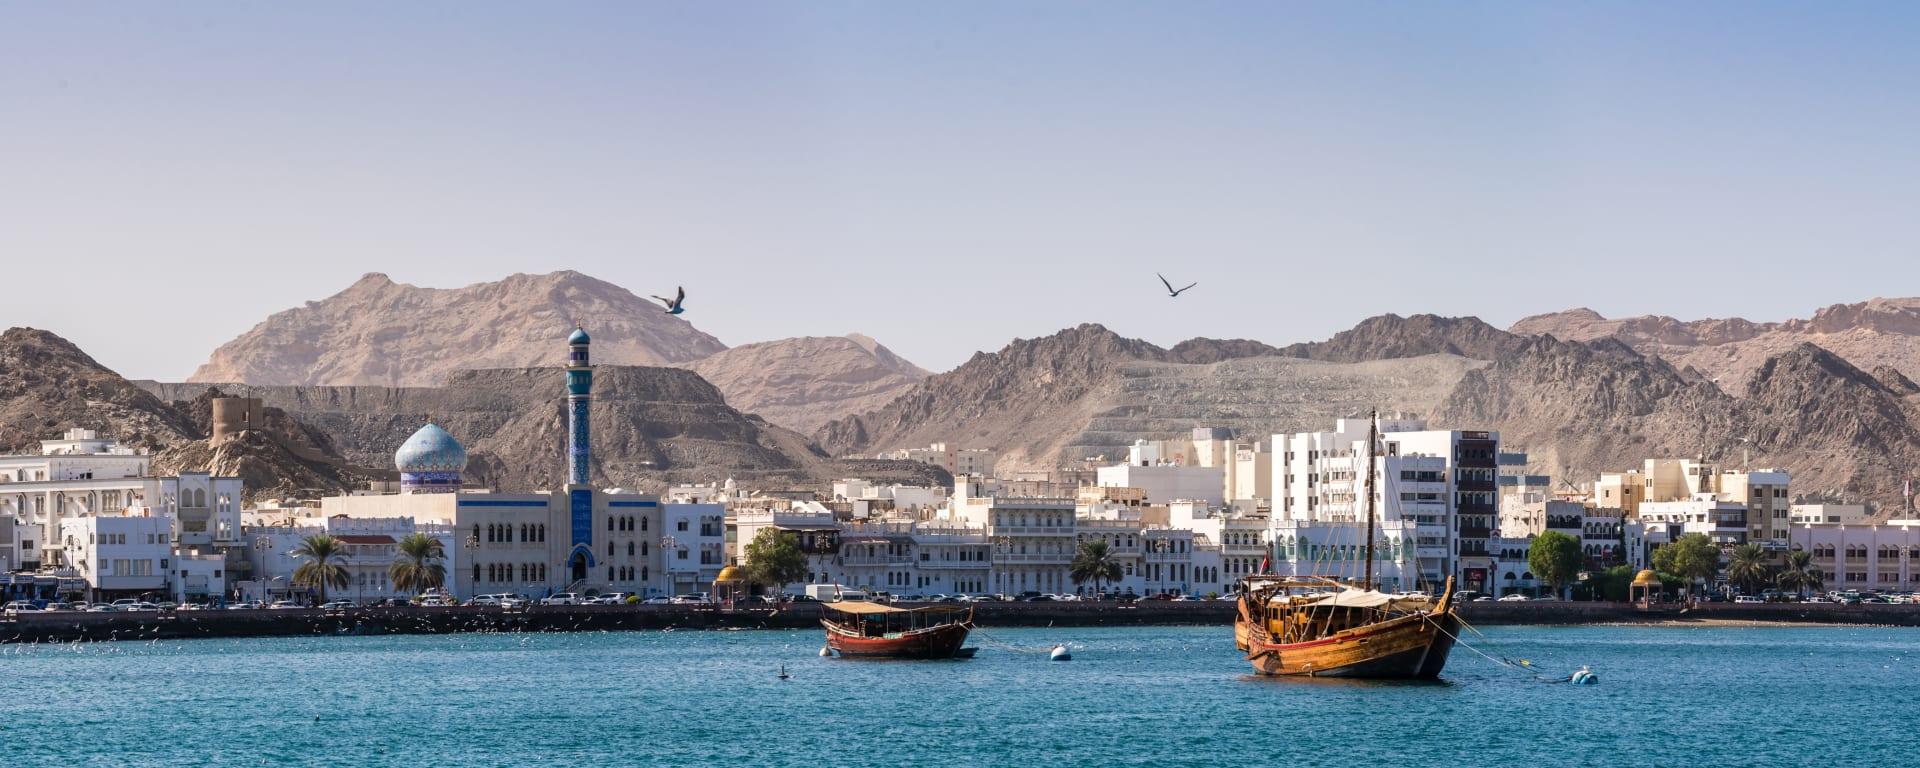 Oman entdecken mit Tischler Reisen: Oman Muscat Muttrah